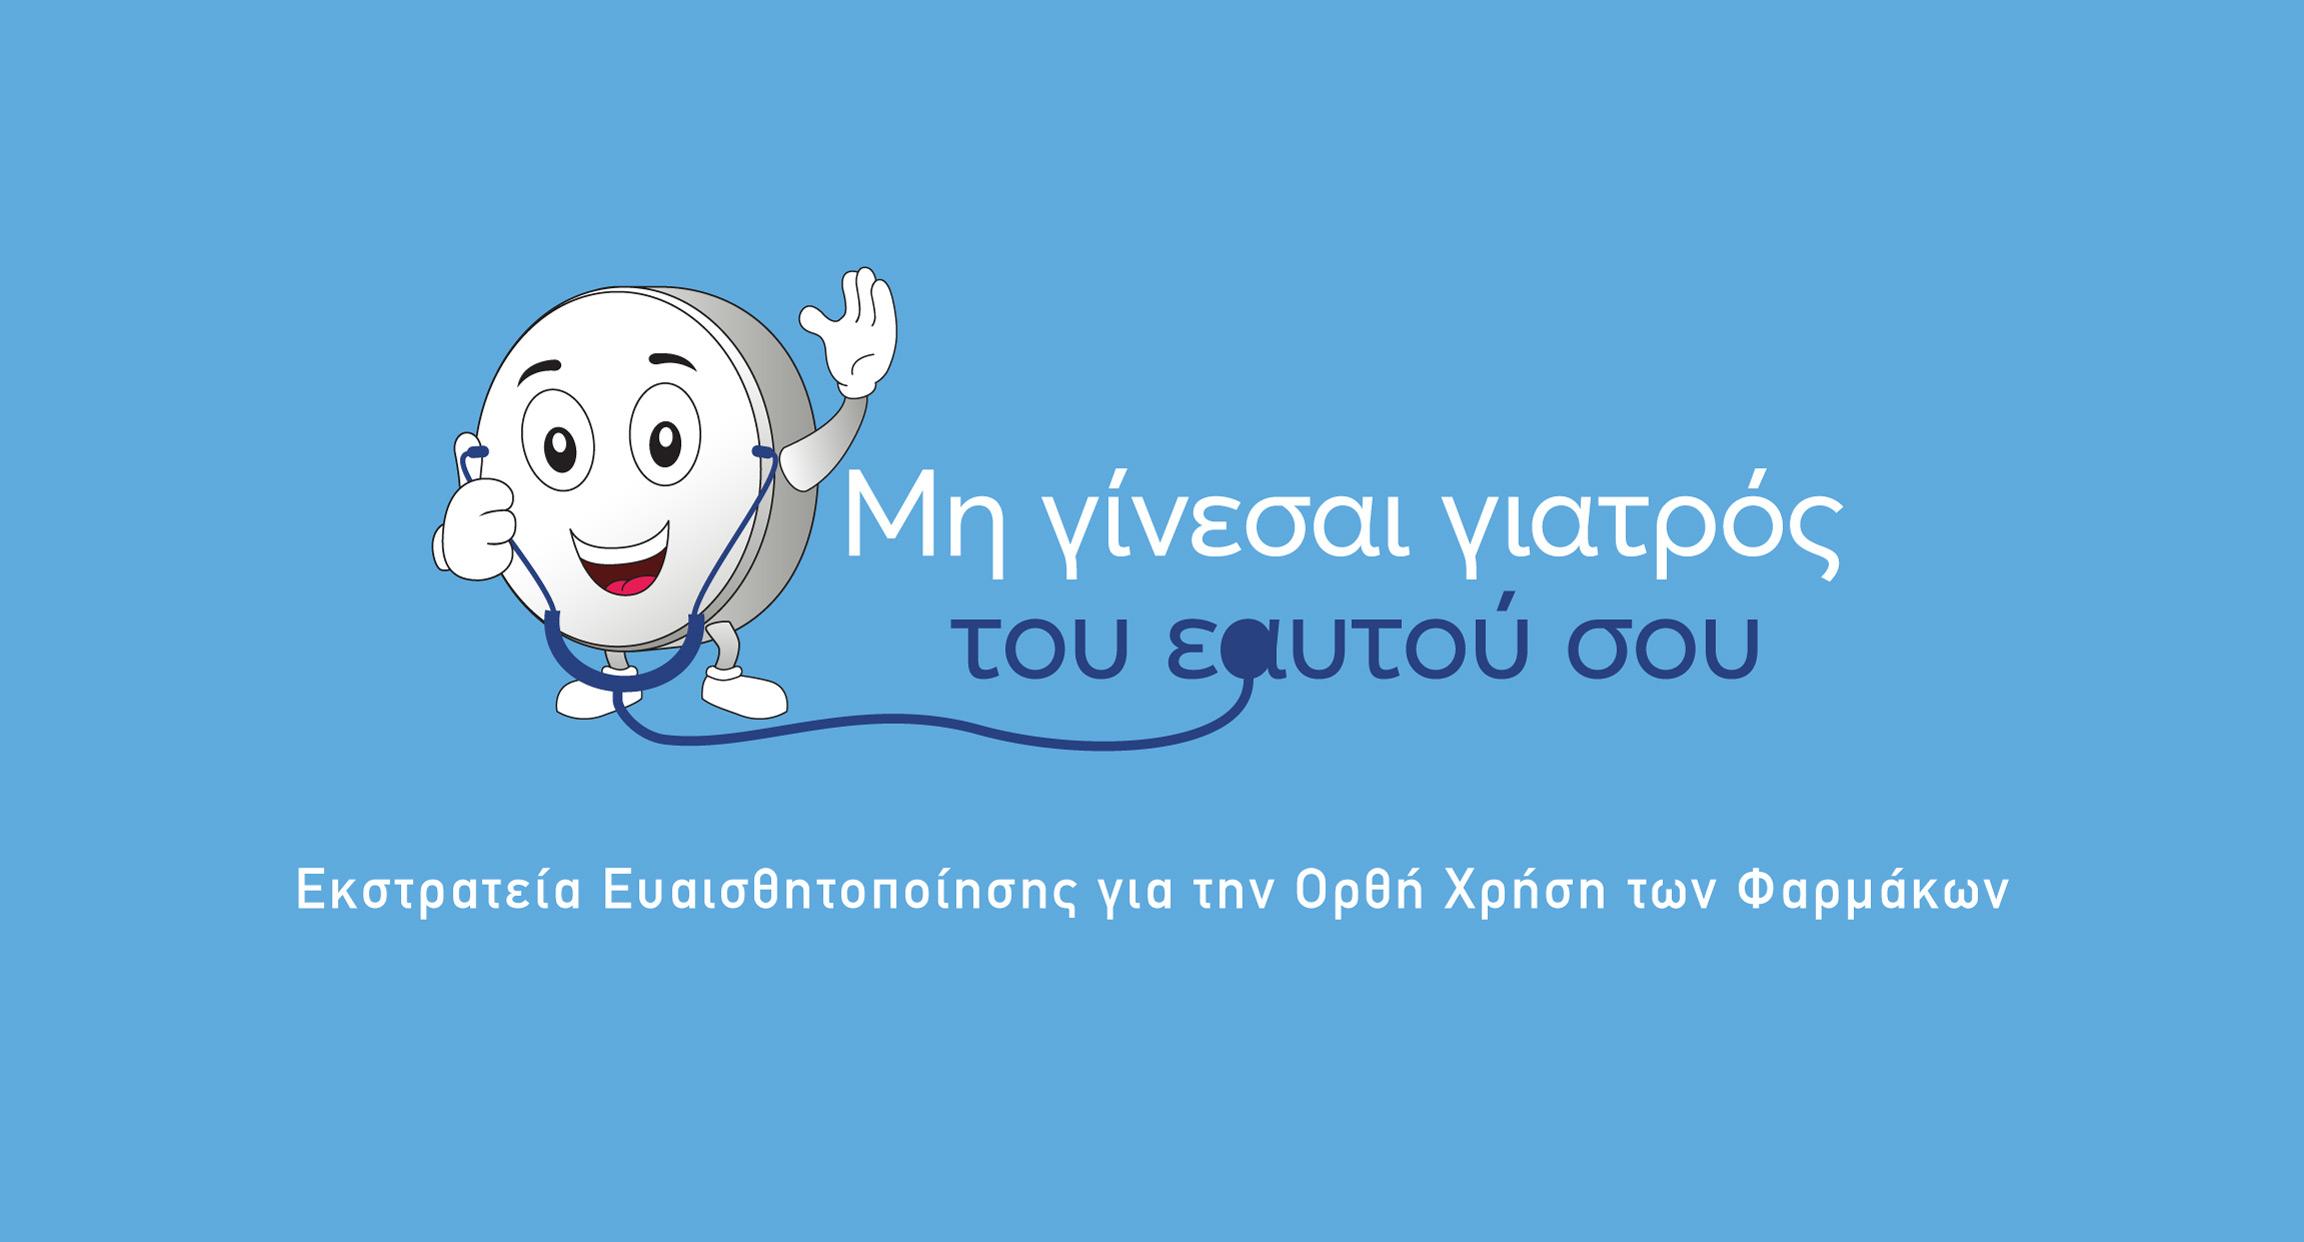 1 GOLD βραβείο και 1 SILVER βραβείο στην εκστρατεία ευαισθητοποίησης για την ορθή χρήση των φαρμάκων «Μη γίνεσαι γιατρός του εαυτού σου!»